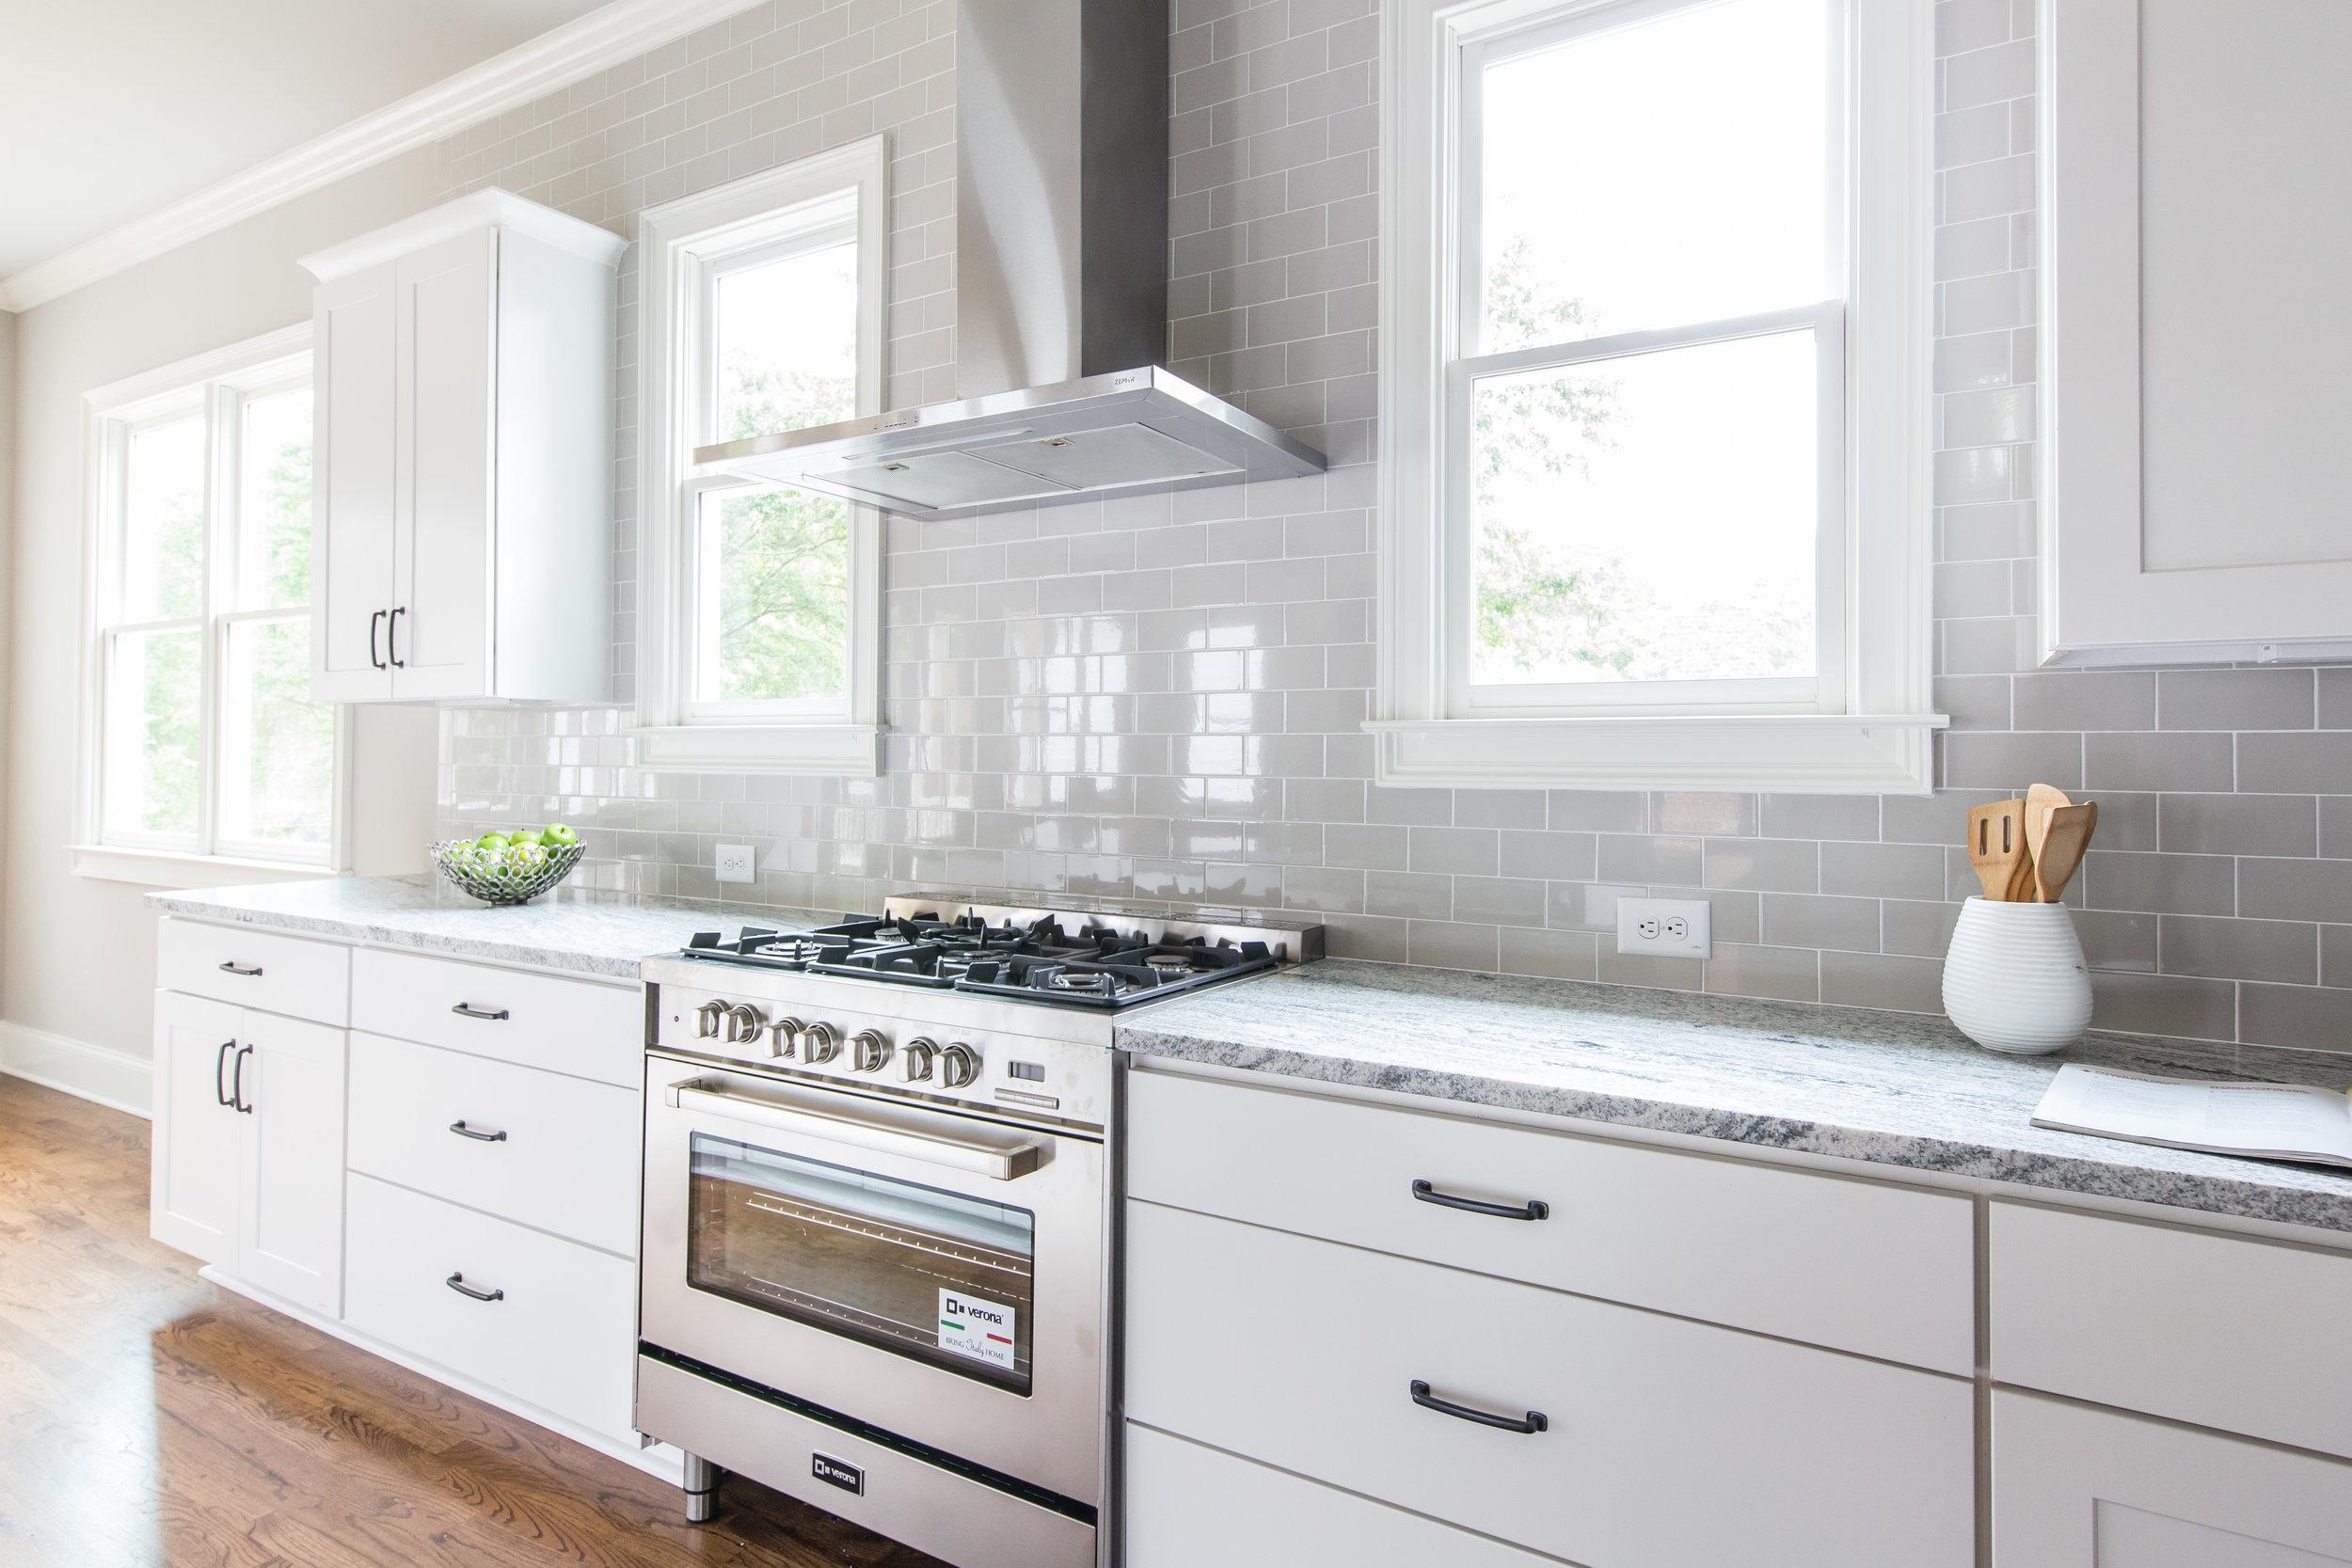 2140 Delano-Kitchen Stove.jpg